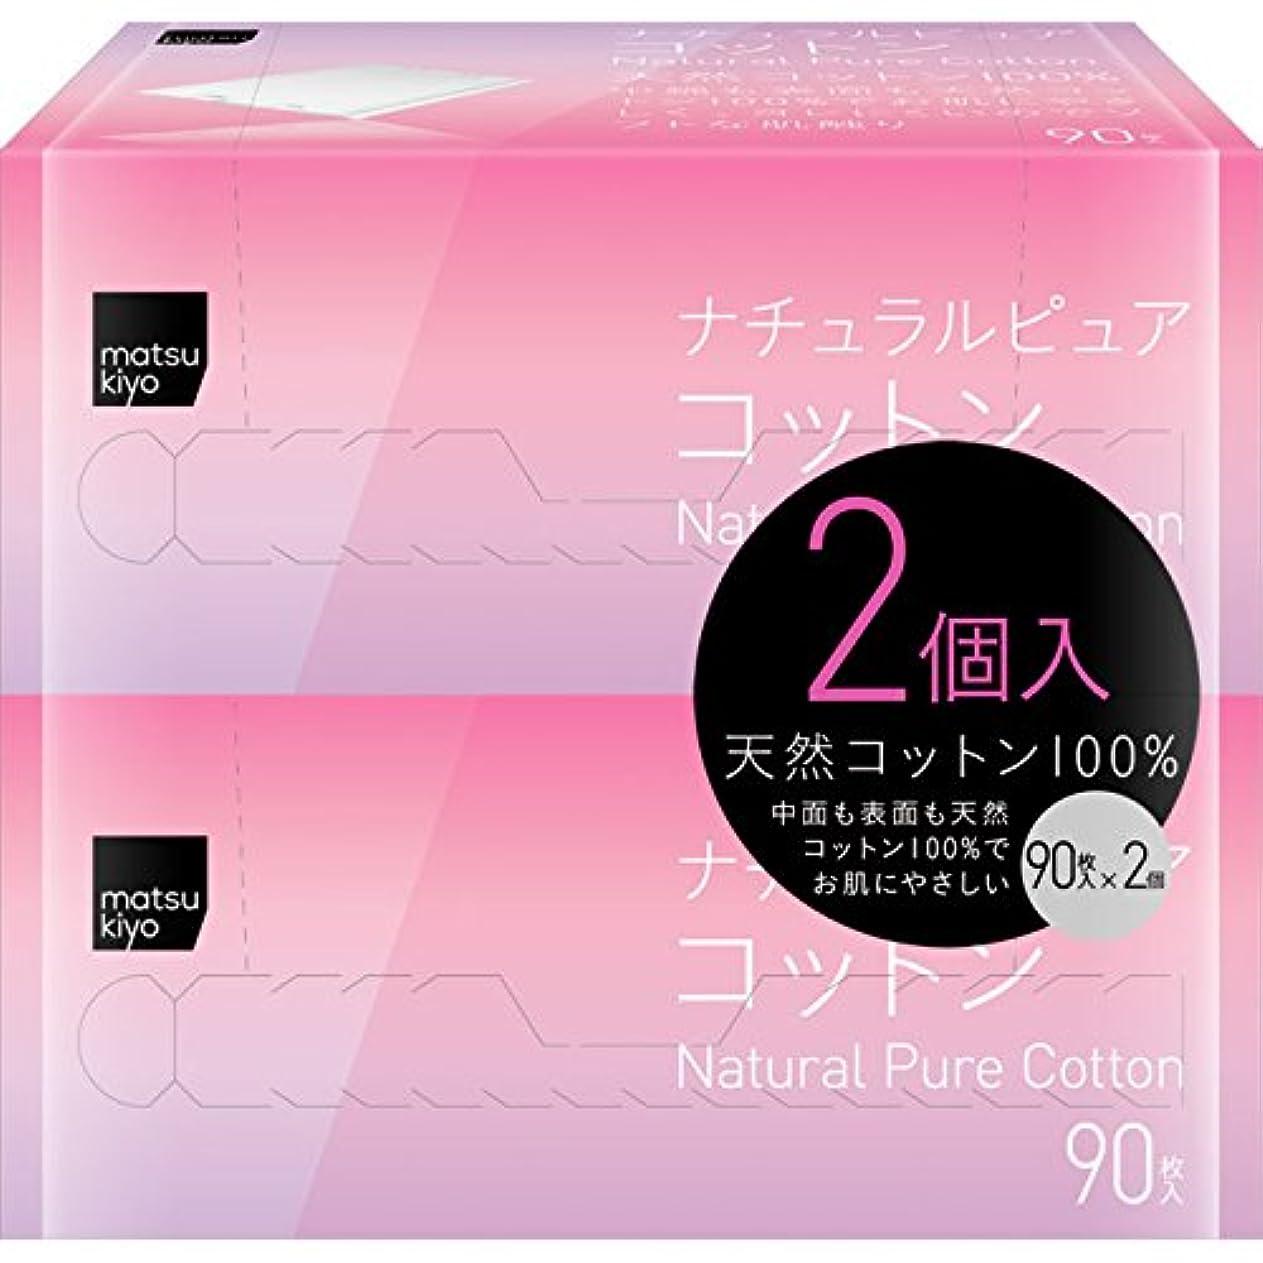 スズラン matsukiyo ナチュラル ピュアコットンパフ 90枚×2P